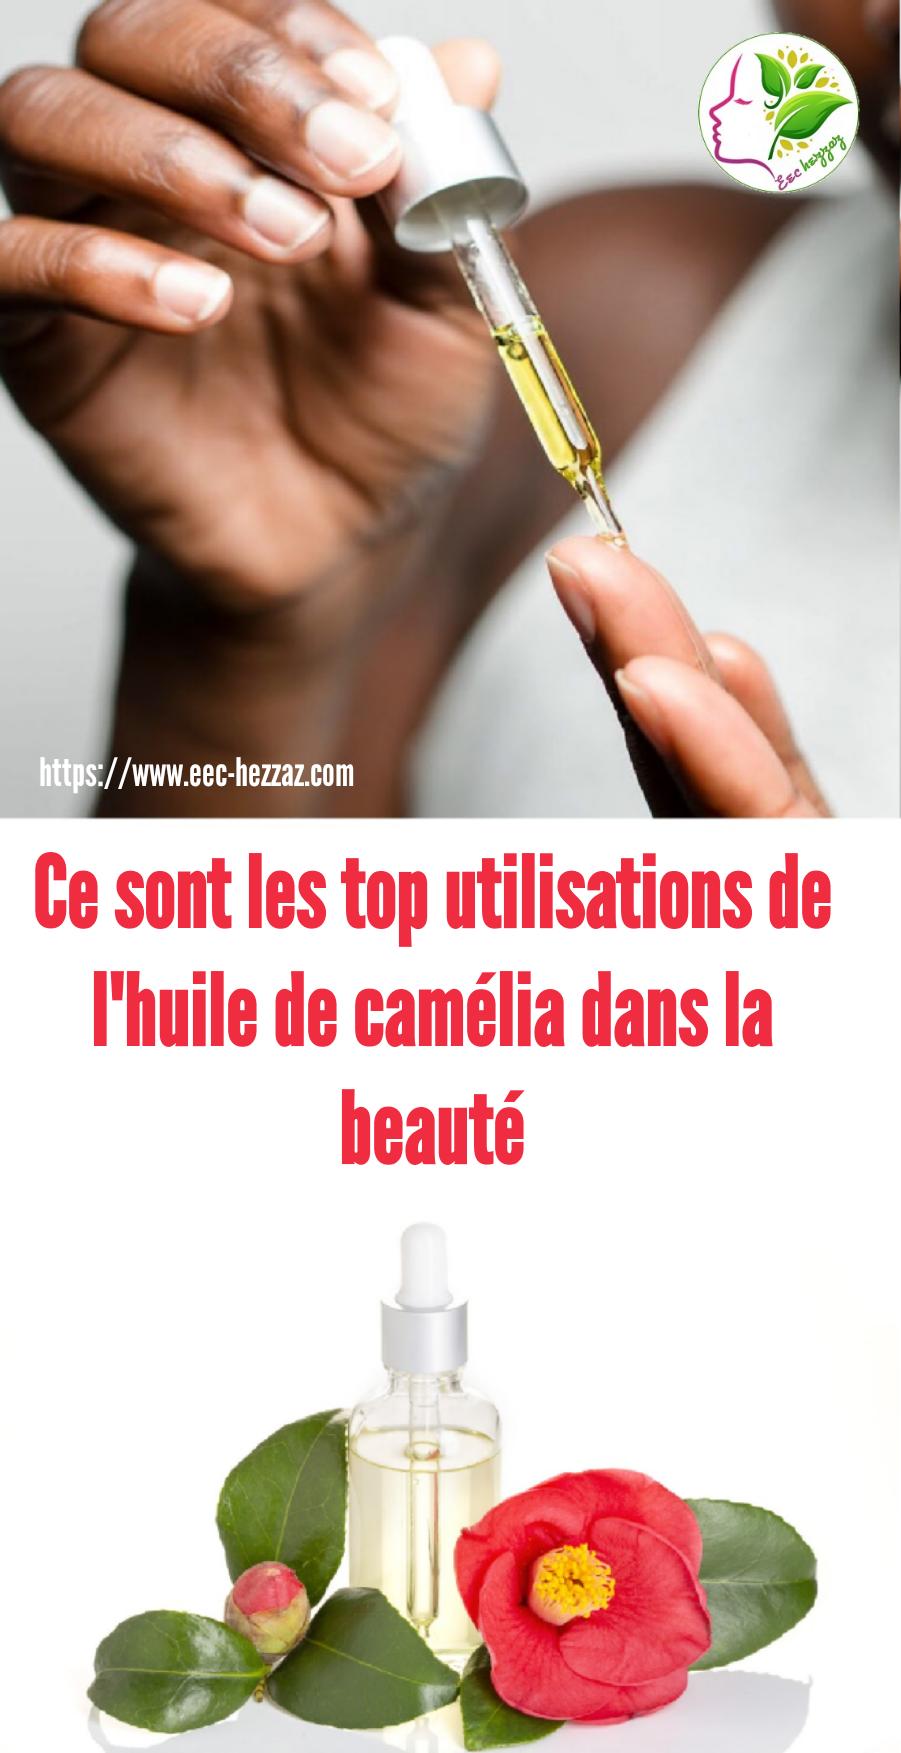 Ce sont les top utilisations de l'huile de camélia dans la beauté